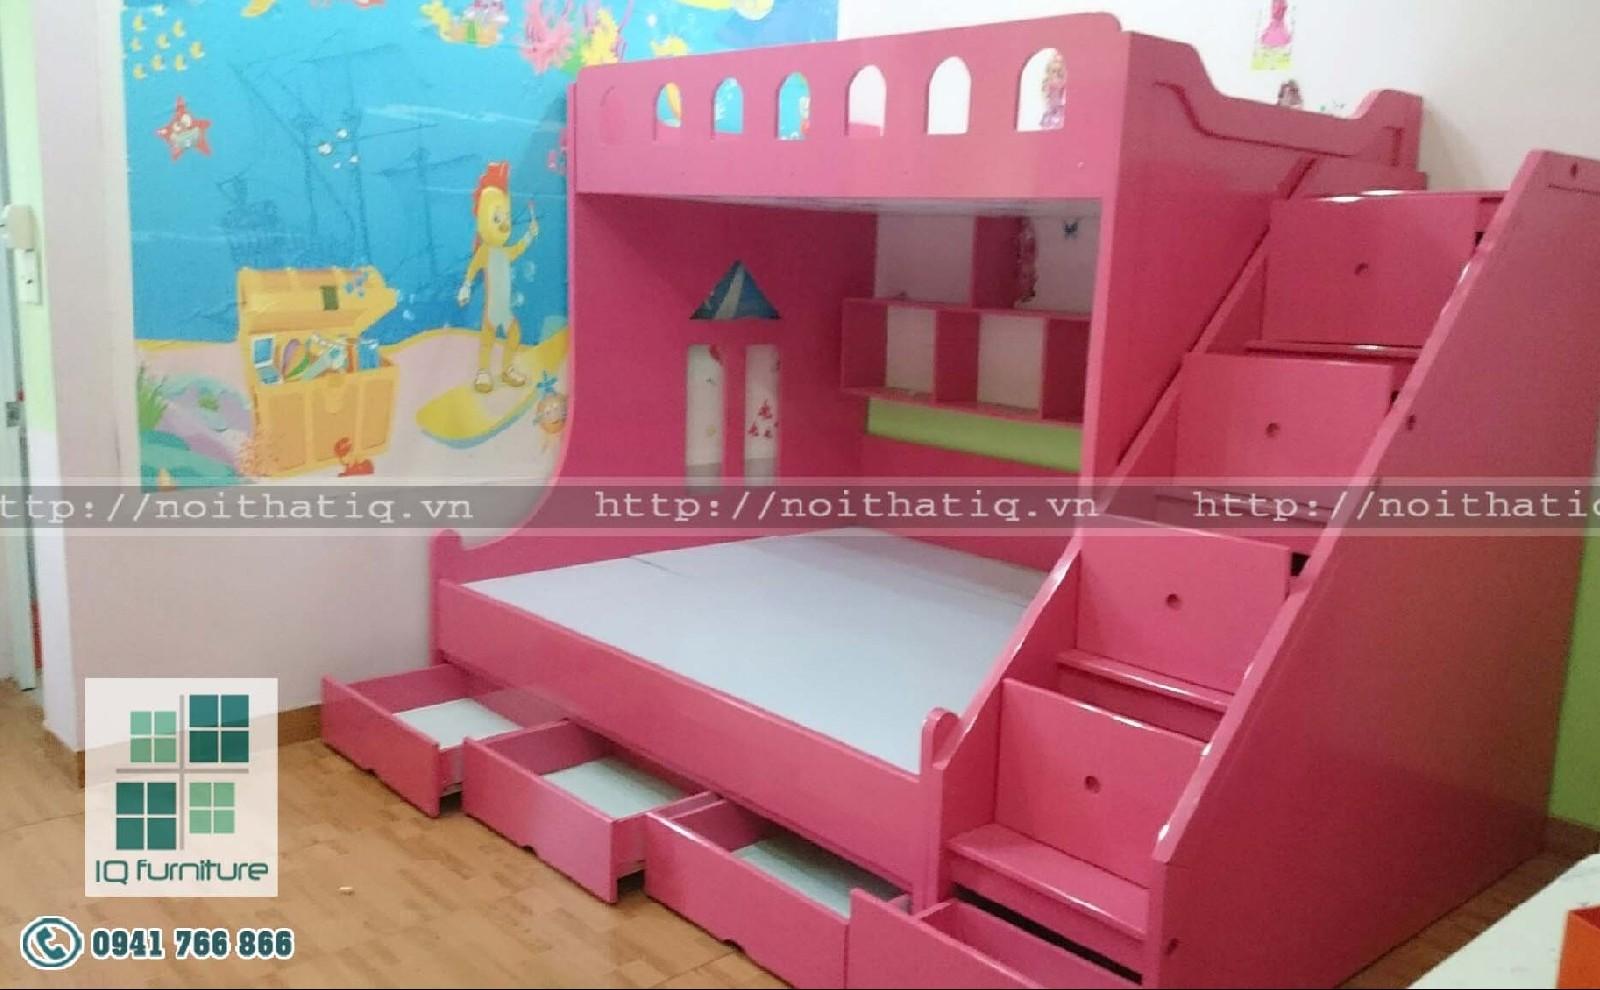 Thiết kế giường tầng trẻ em đẹp Hải Phòng